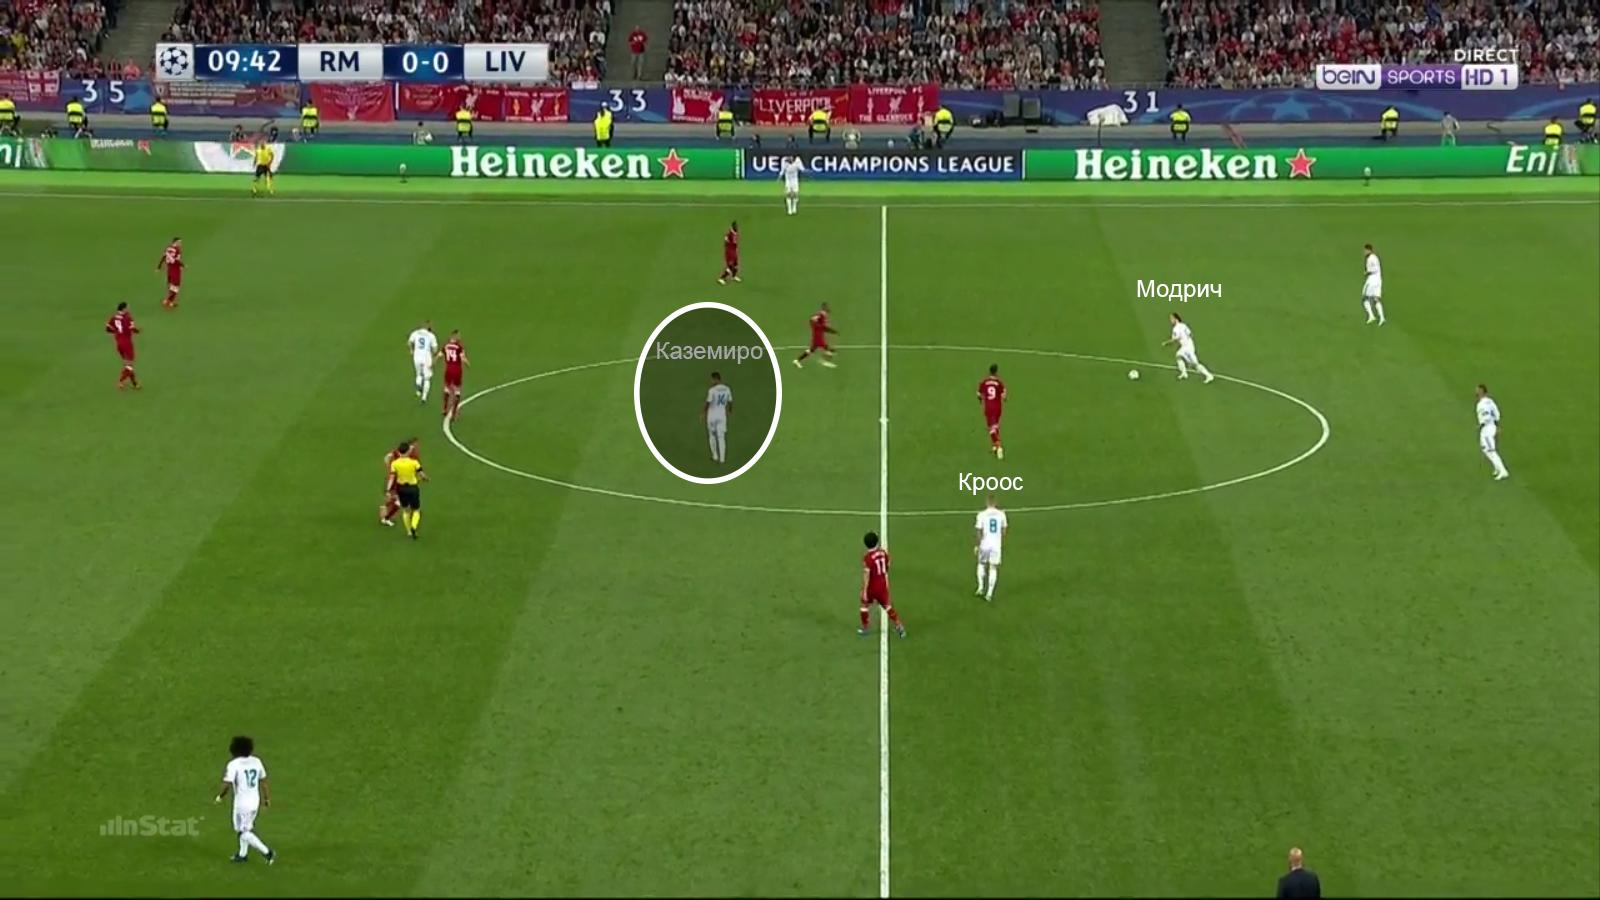 «Ливерпуль» – герои, Модрич – гений, «Мадрид» не величайший в истории